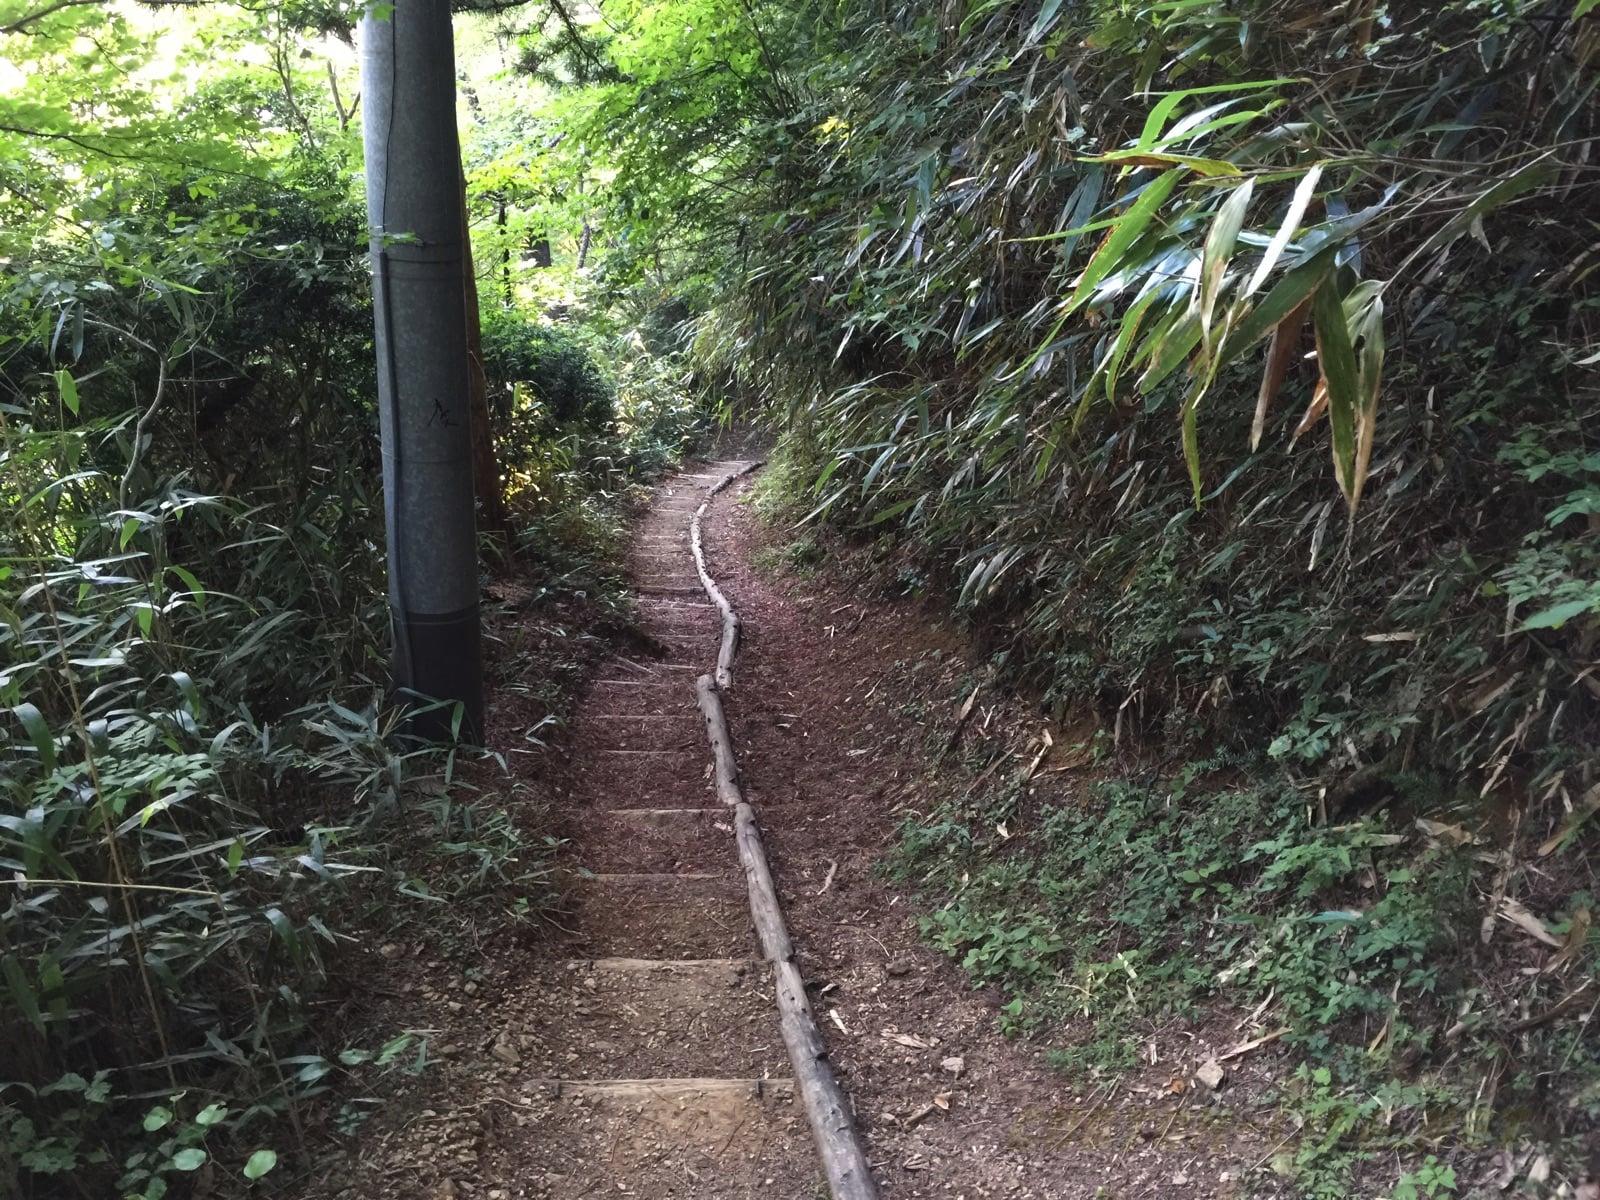 ポケモンGO高野山ツーリング2、和歌山のポケGO情報だぜ!